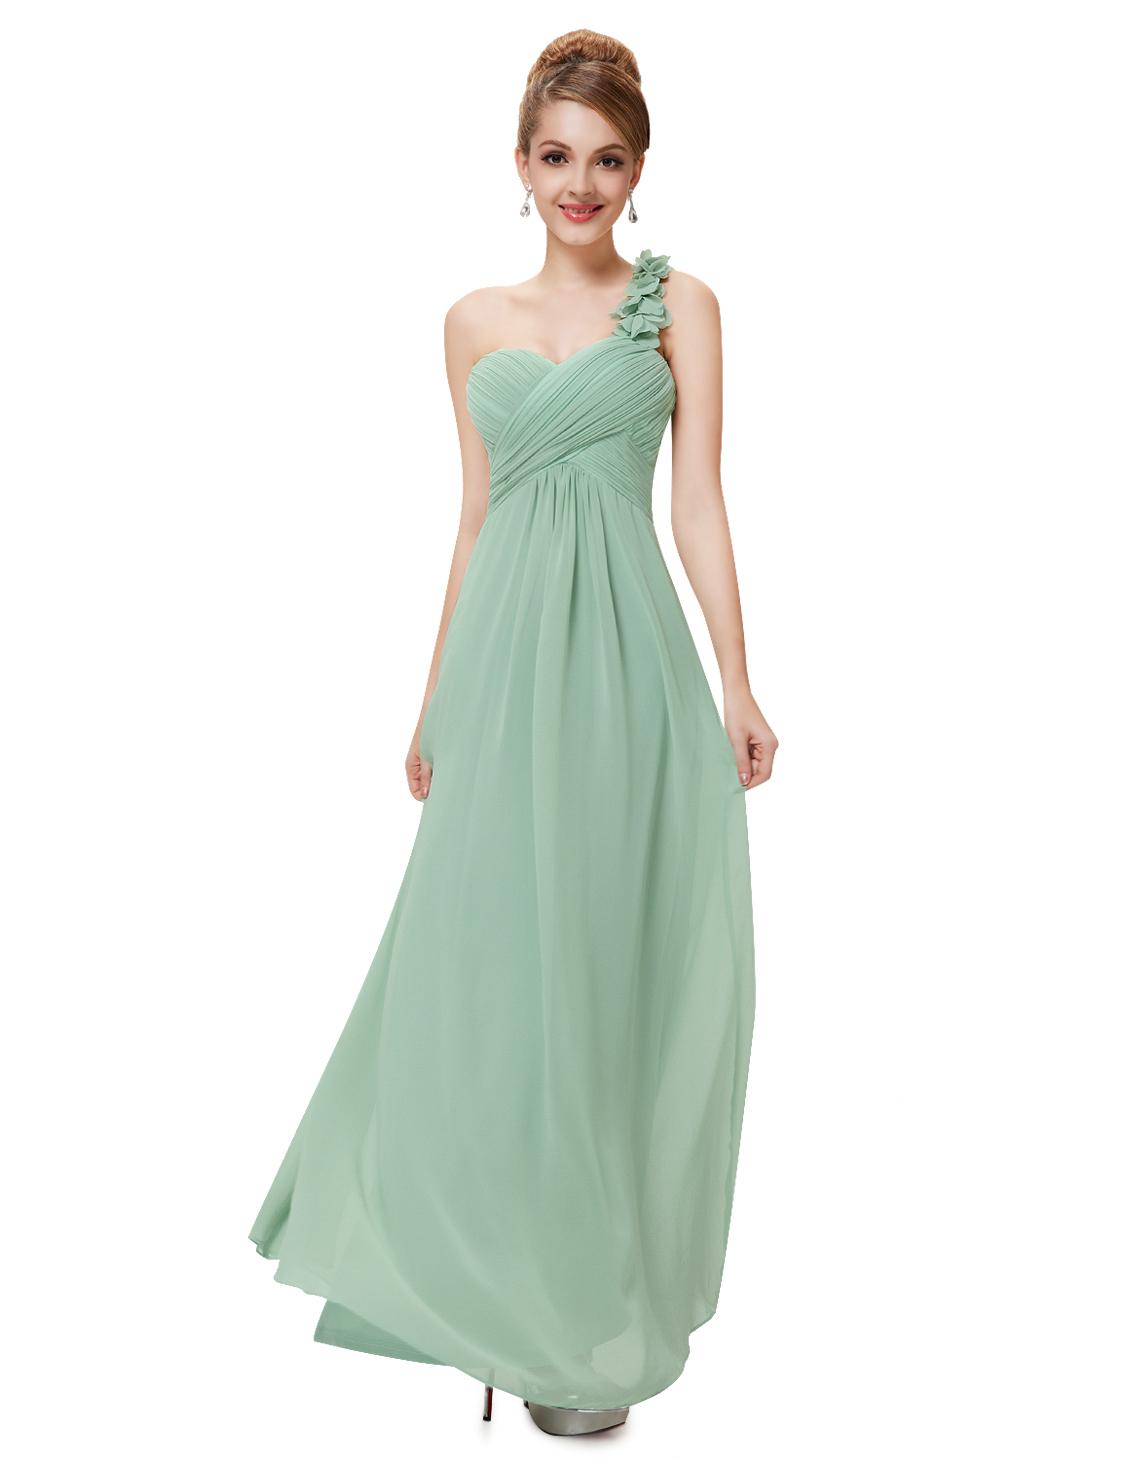 f25211e7da3 Celebrity Dresses Ebay Uk - Boutique Prom Dresses